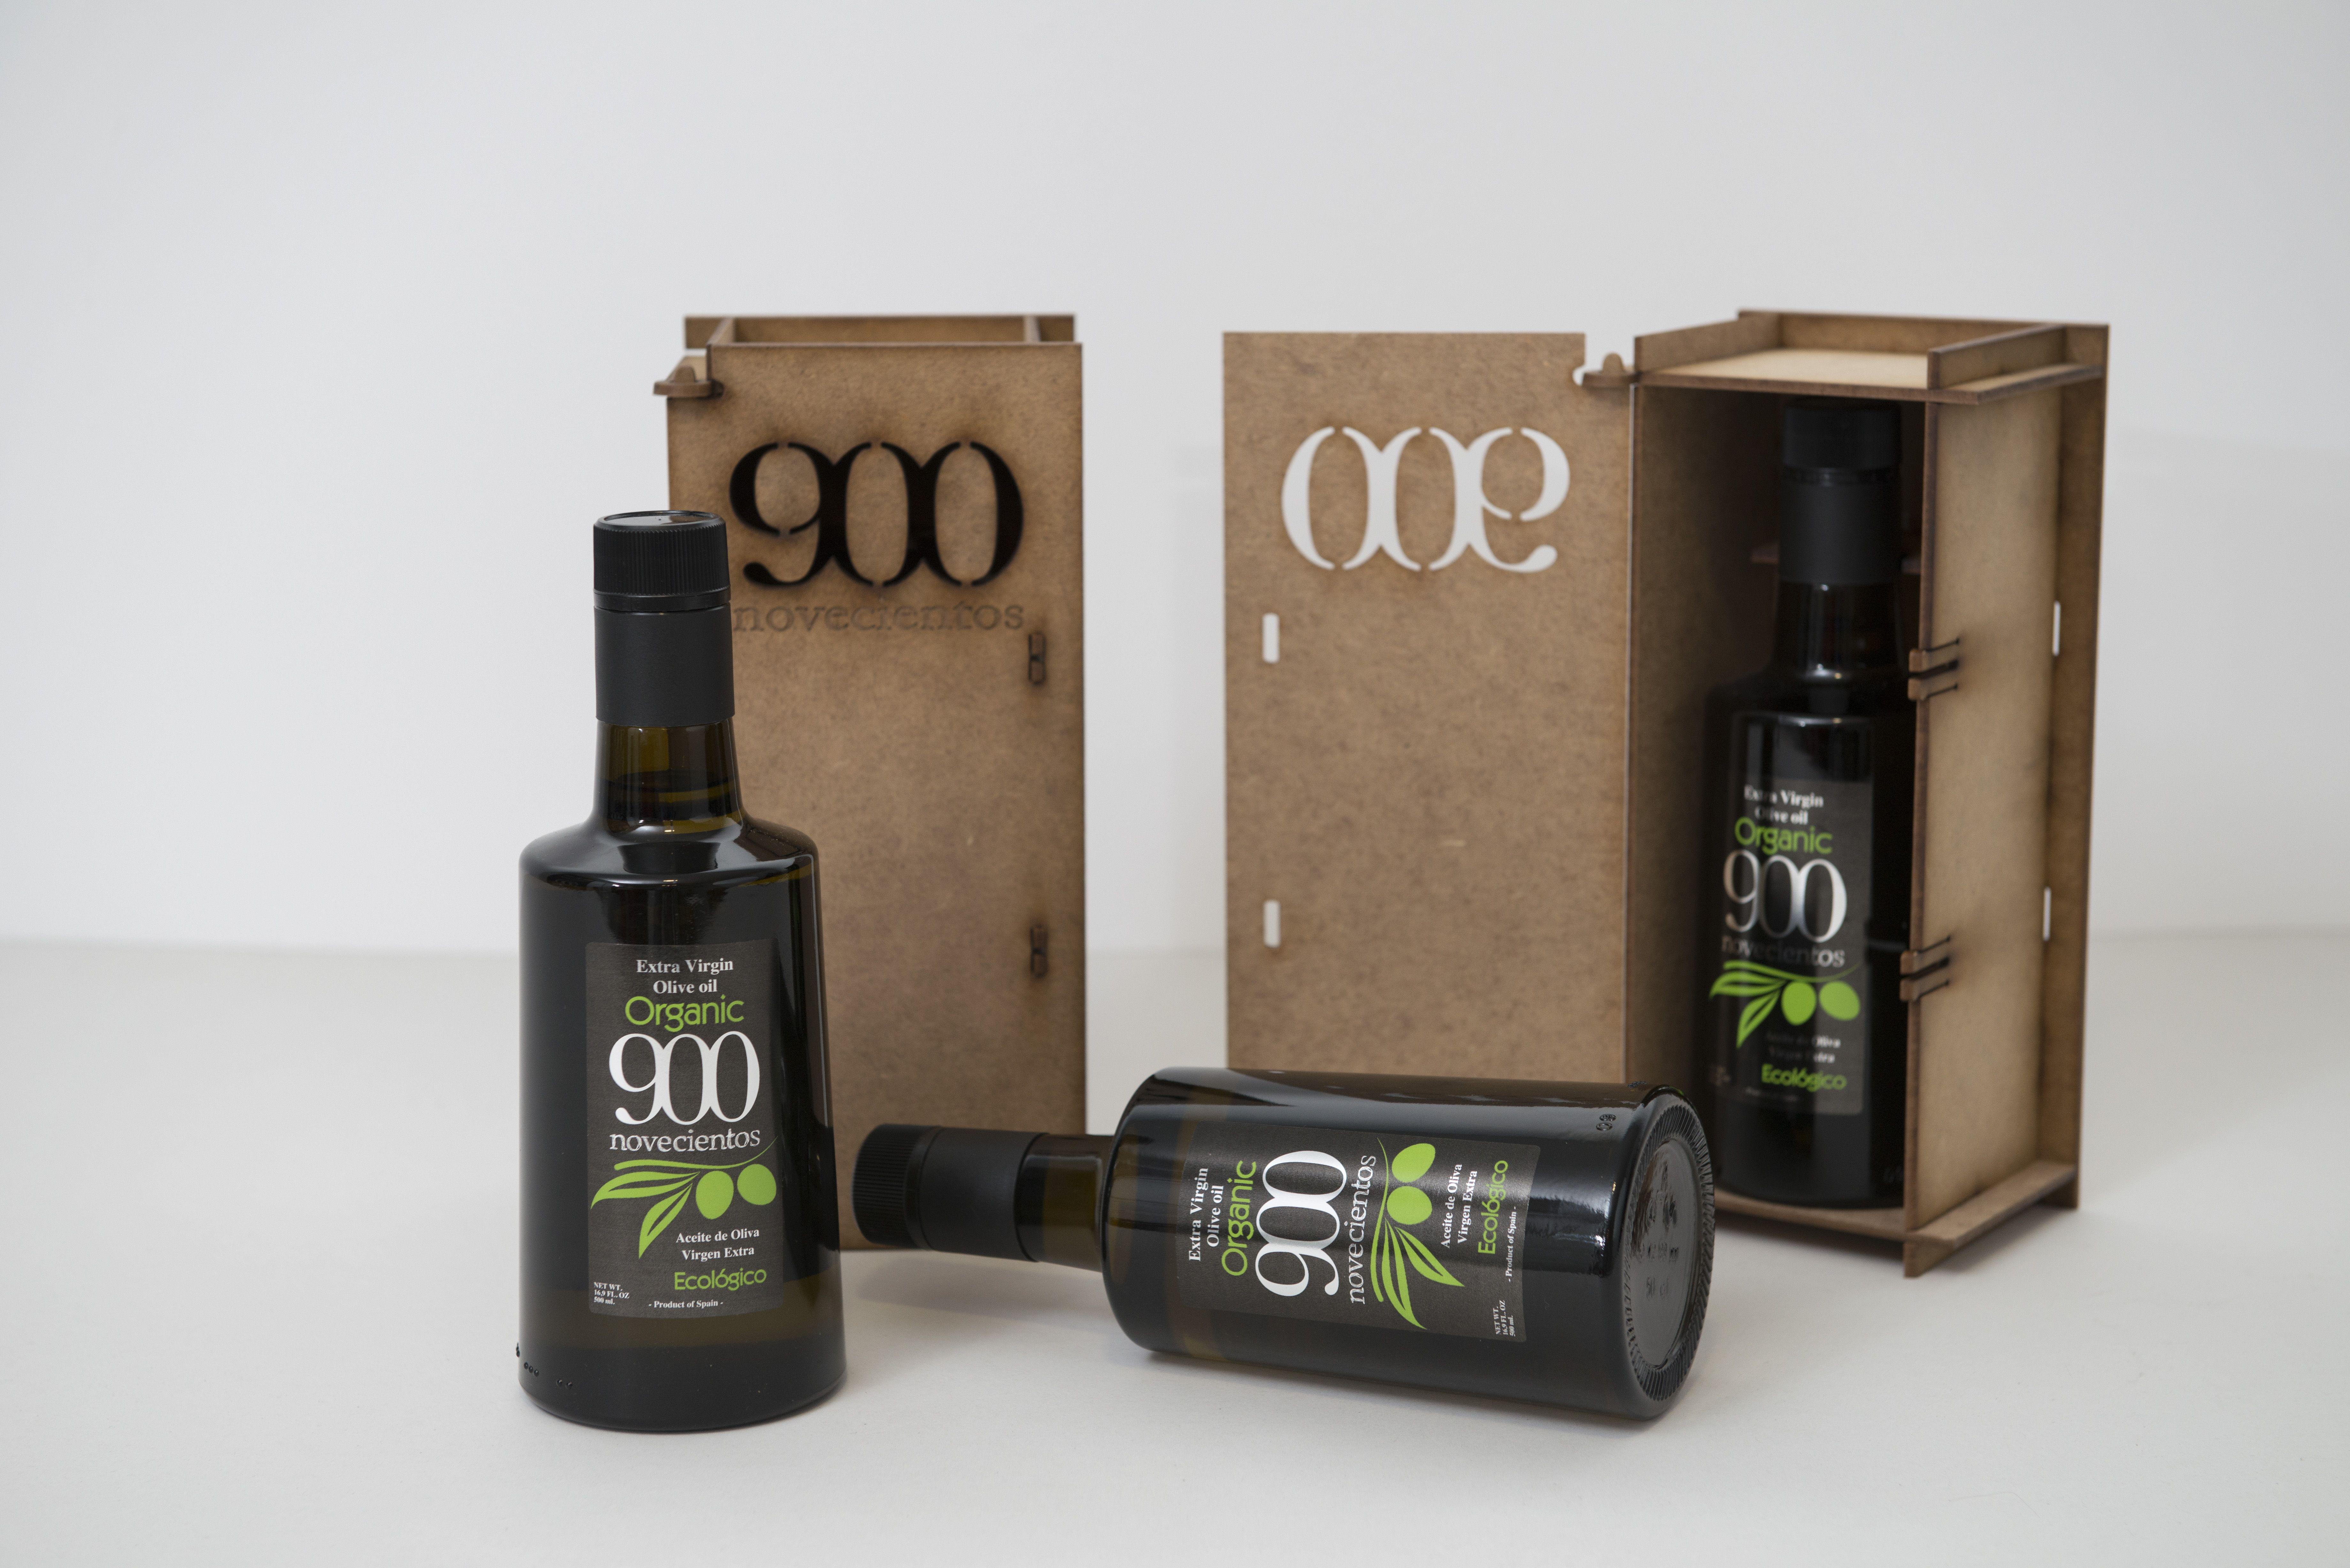 900 Organic: Aceites de Oliva Virgen Extra  de Aceites del Sur